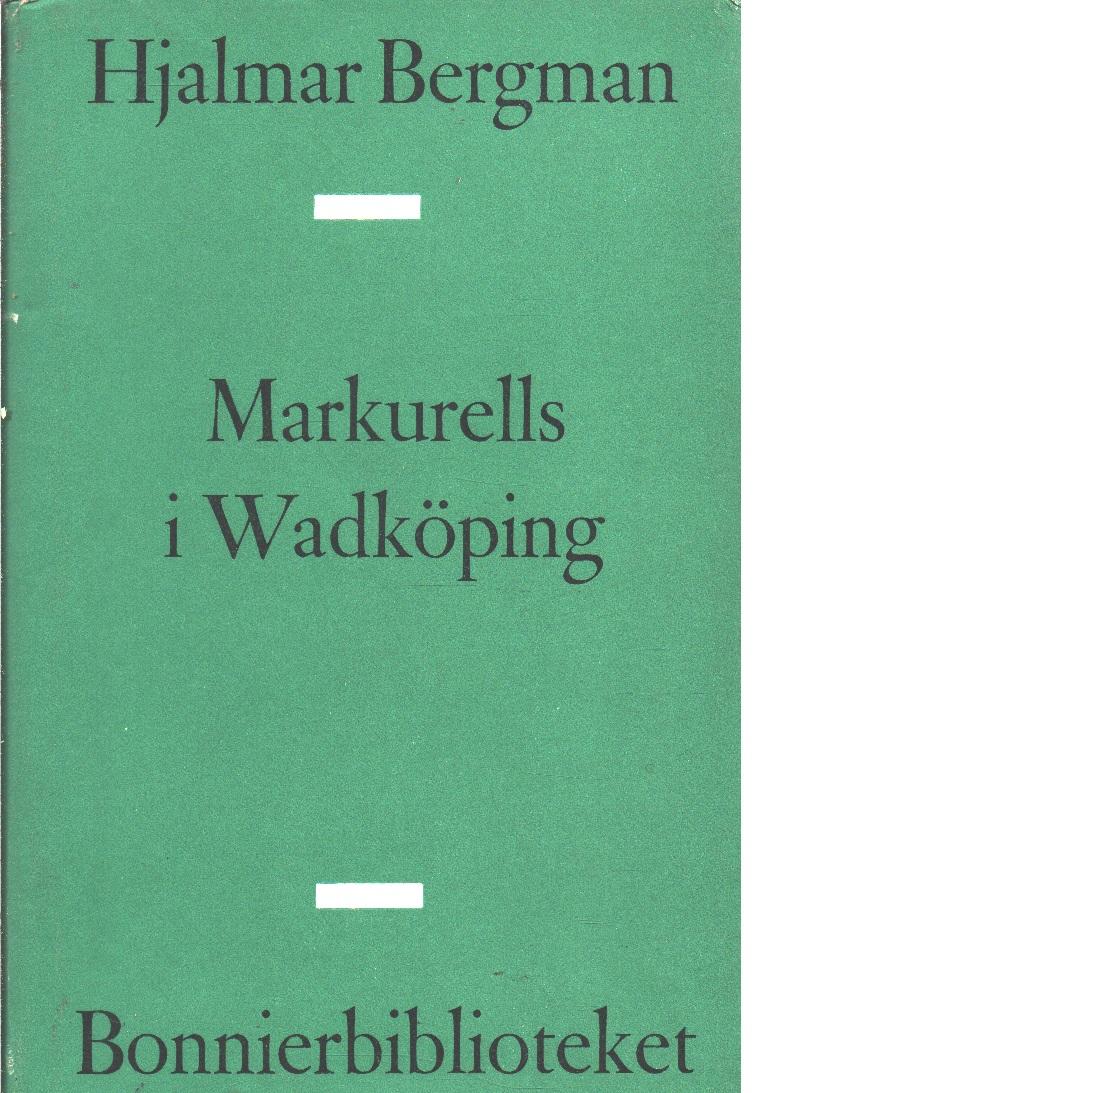 Markurells i Wadköping - Bergman, Hjalmar